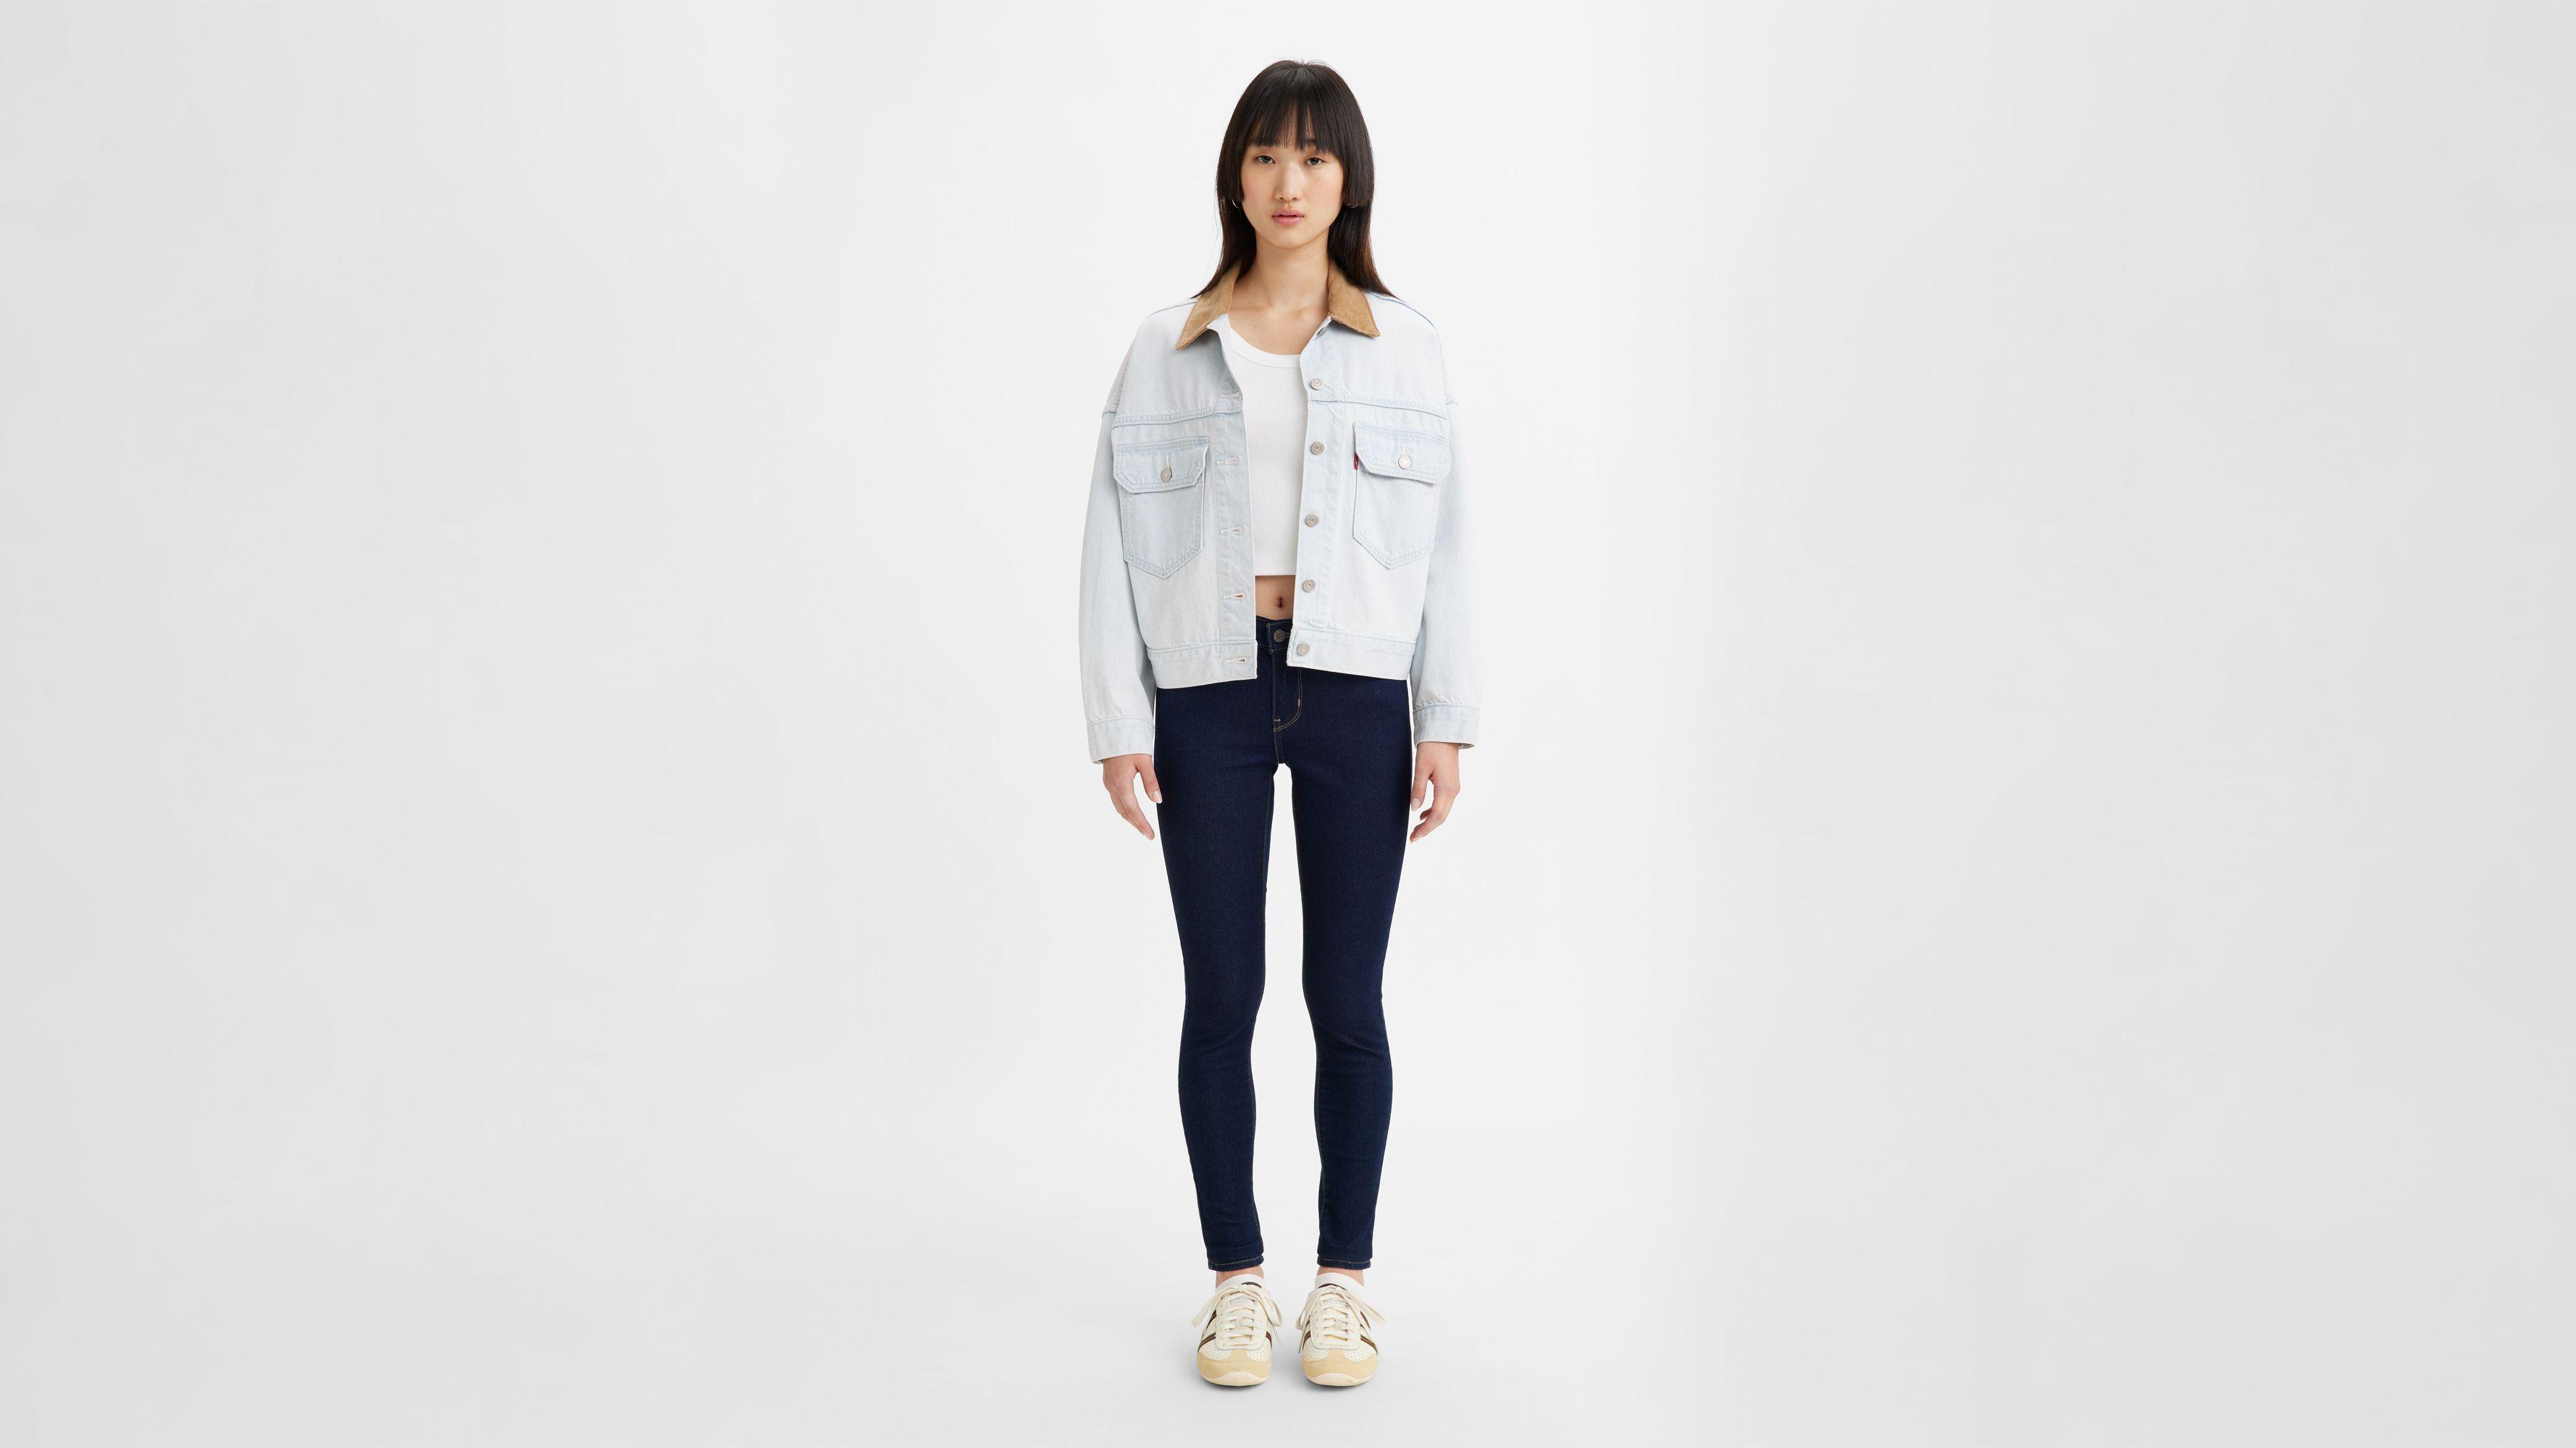 Women Us Shop Denim Fit For Skinny Levi's® Jeans q46Sqz